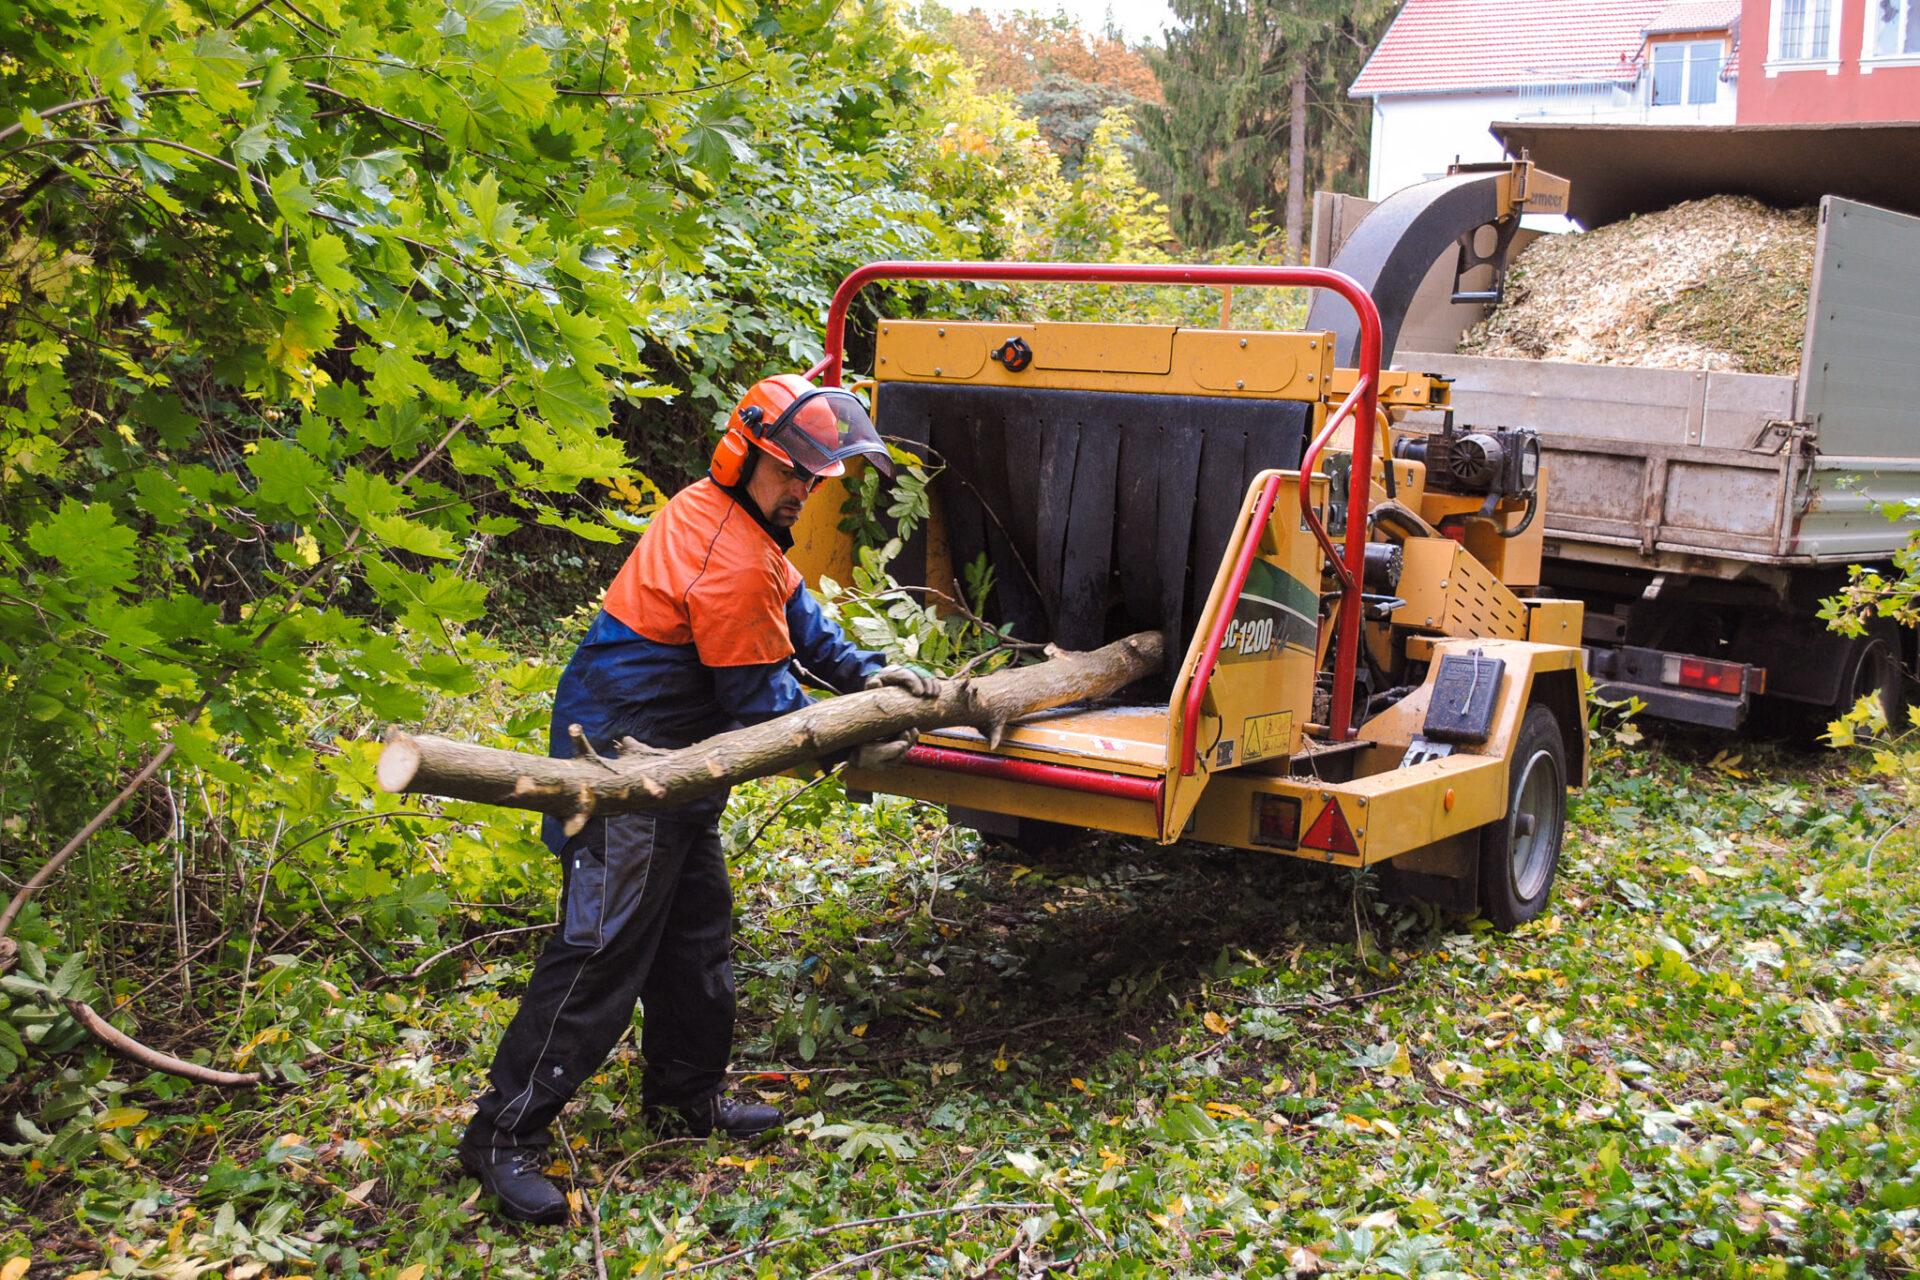 Biber-Baumdienst – Häcksler im Einsatz